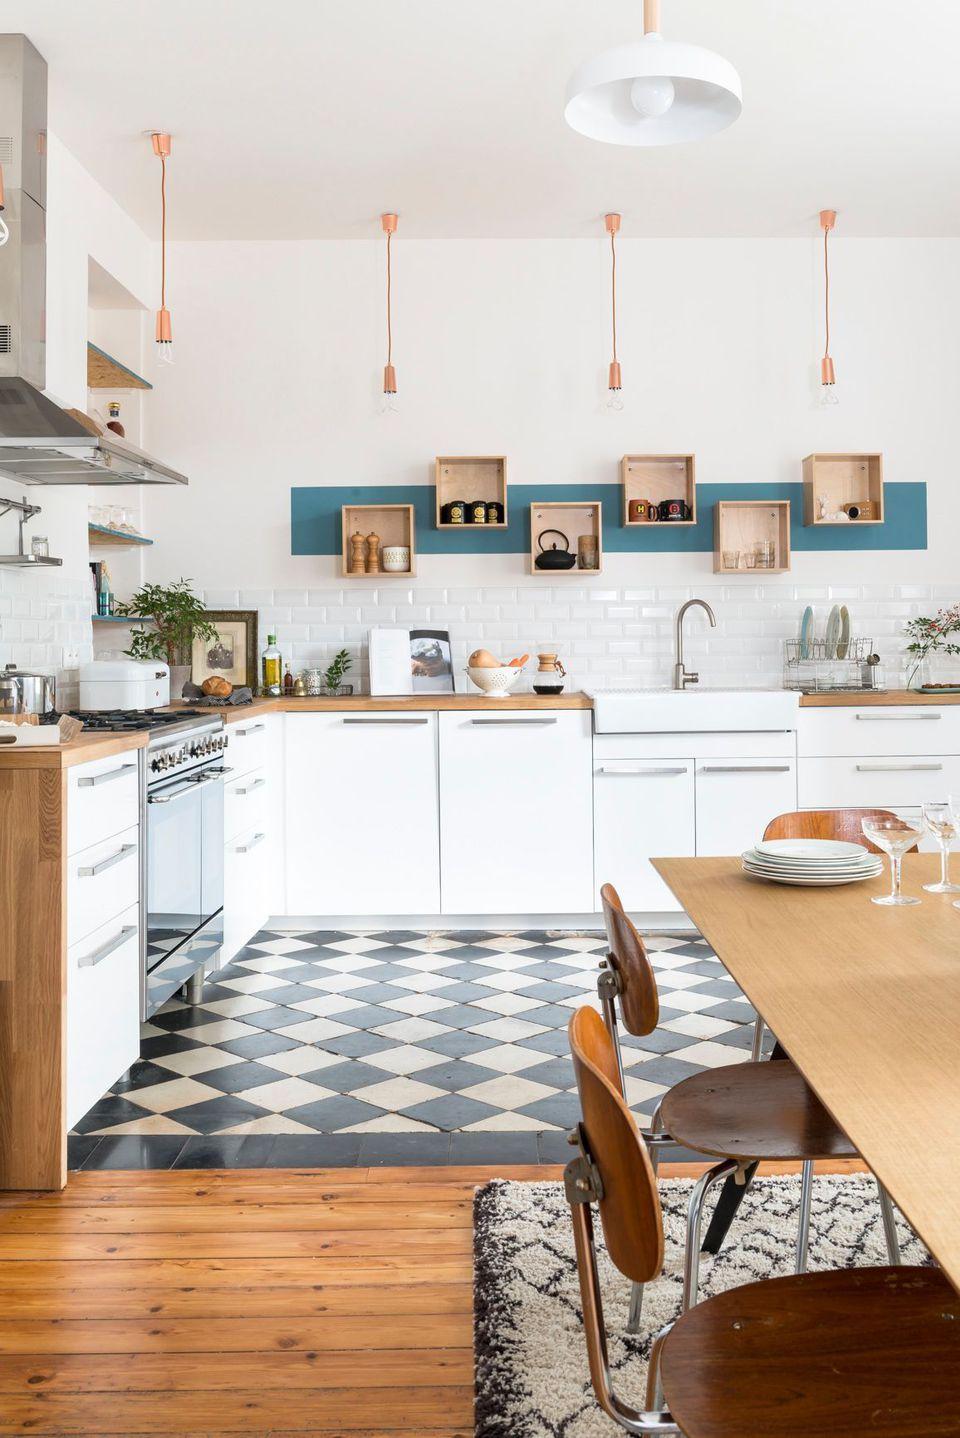 meubles blancs plan de travail en bois clair carrelage. Black Bedroom Furniture Sets. Home Design Ideas